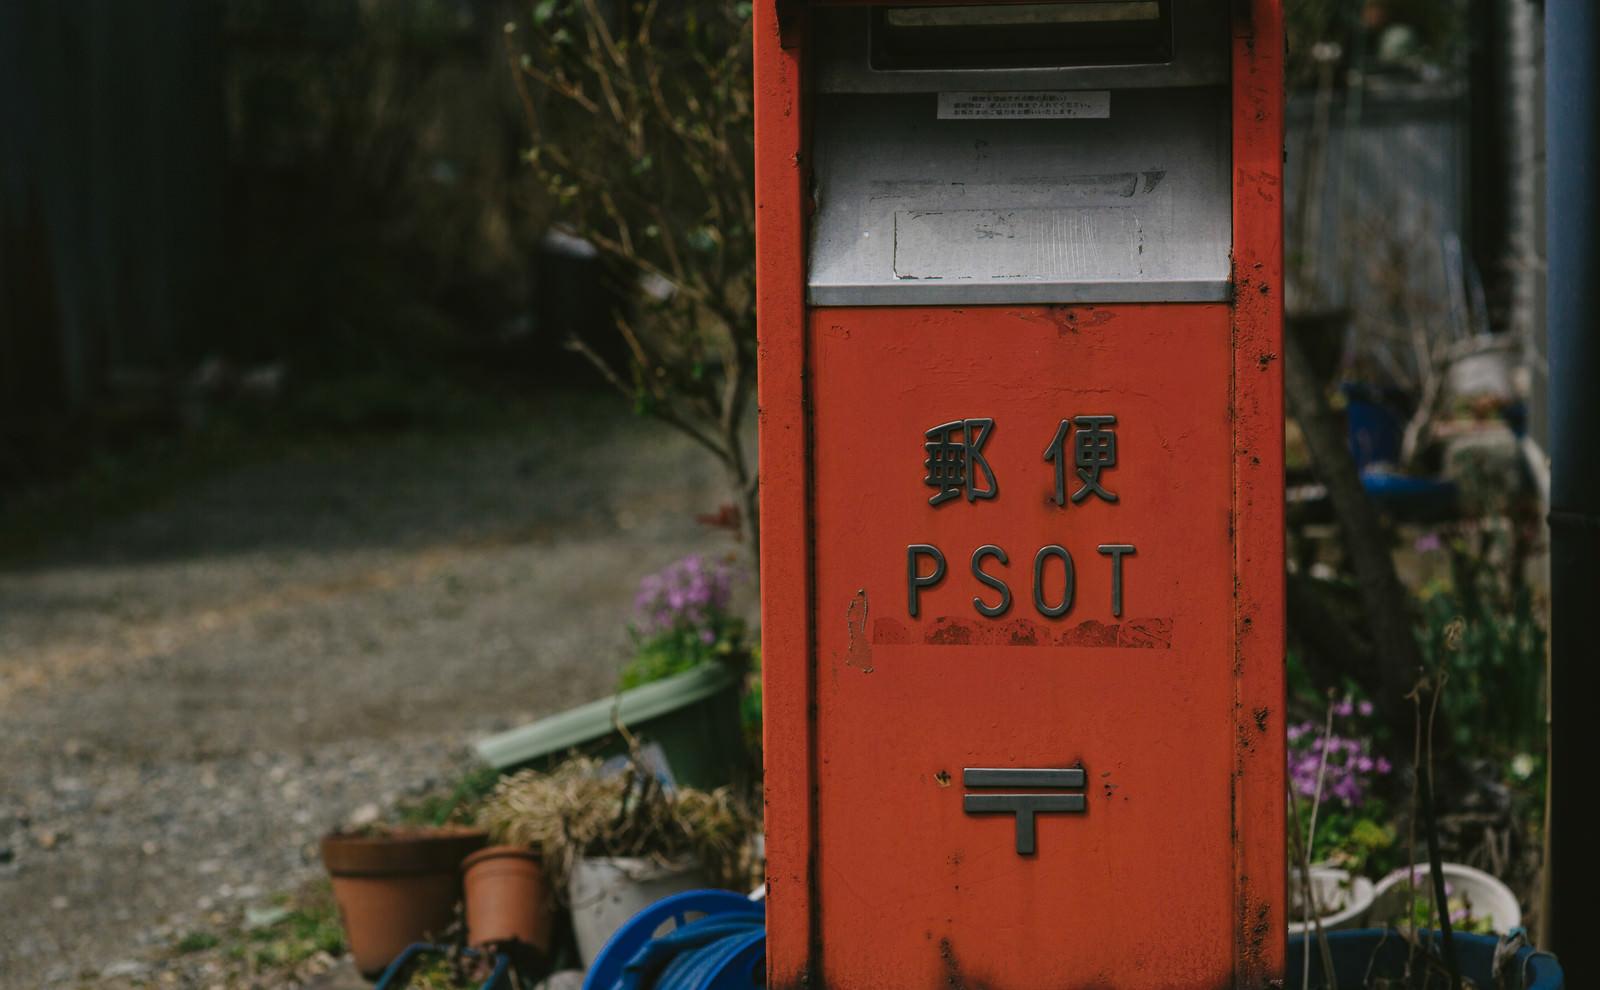 「街中の細長い郵便ポスト街中の細長い郵便ポスト」のフリー写真素材を拡大